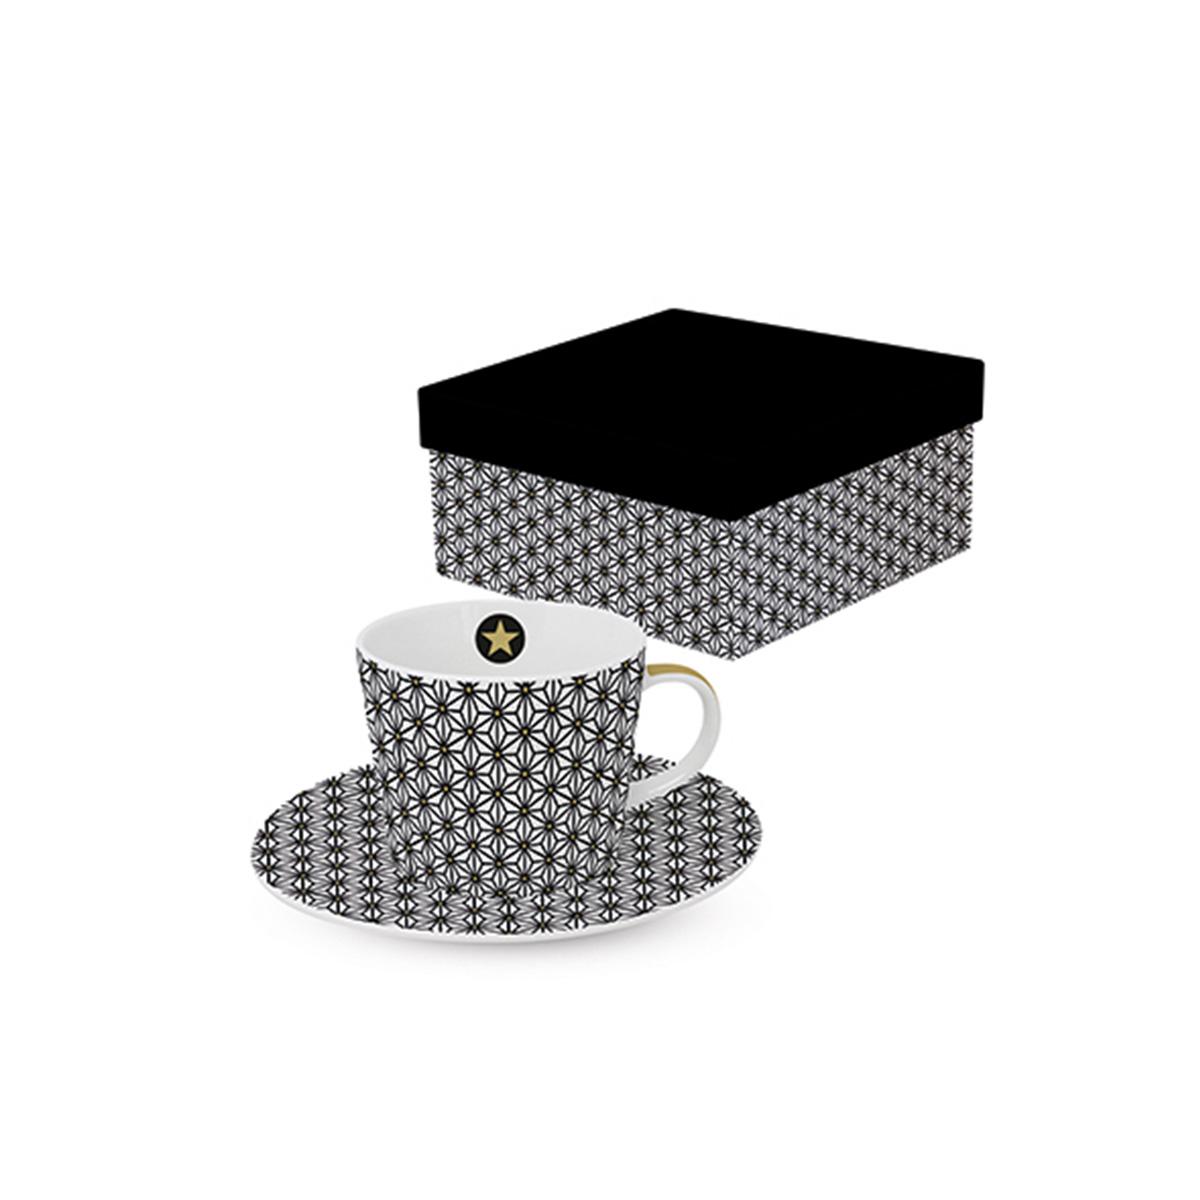 Šoljica za kafu crno bela 603873